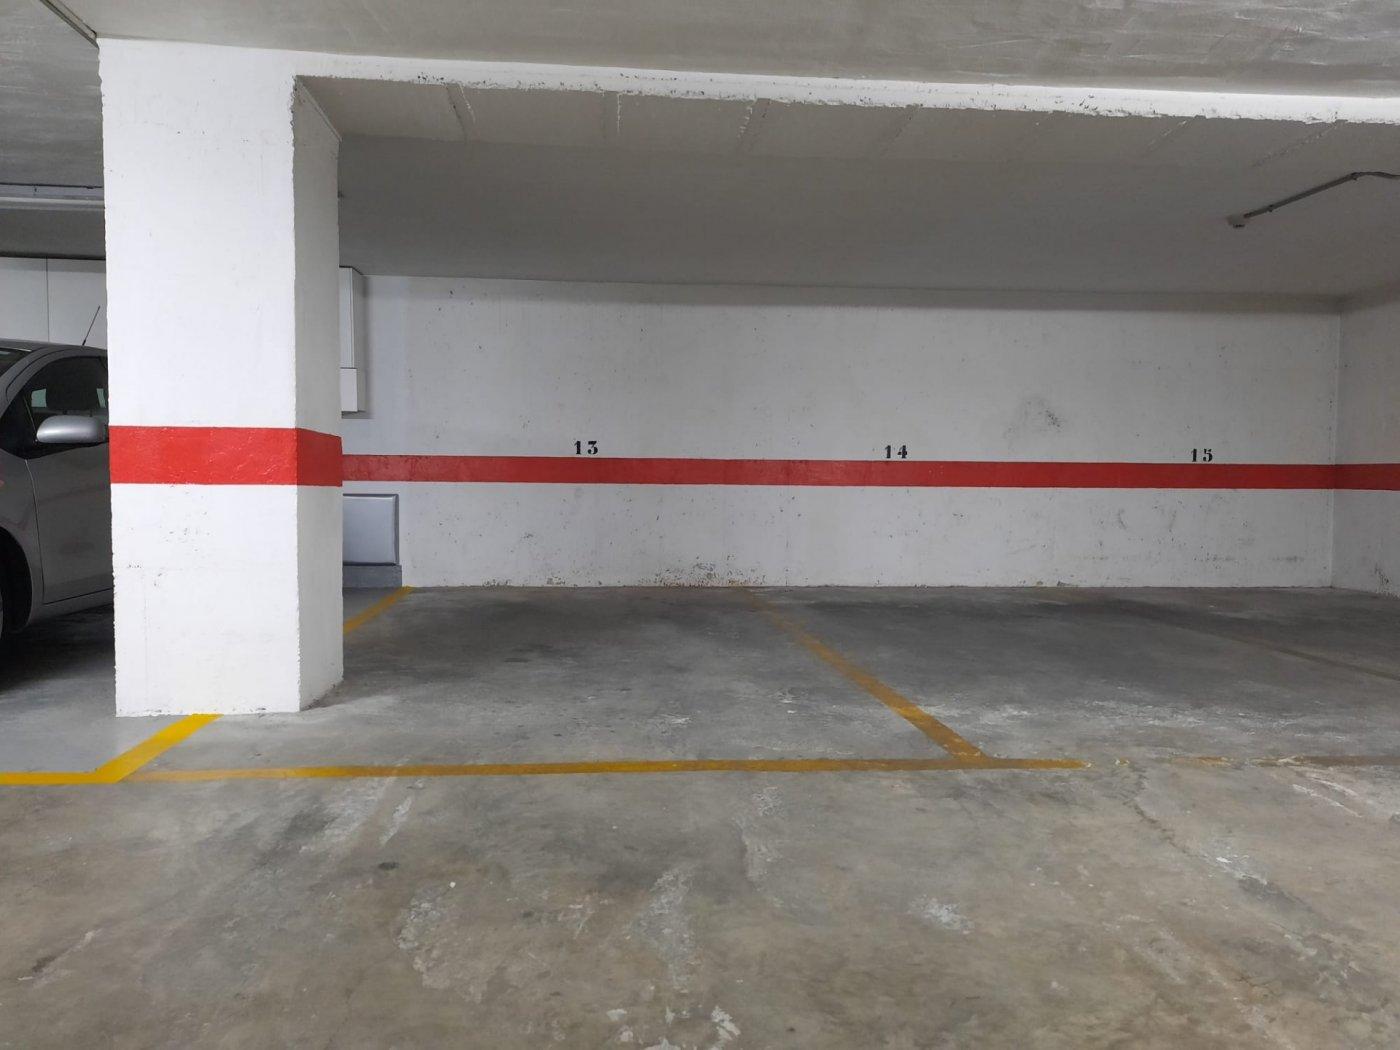 Garaje en  sotano con elevador  en plaza prado - imagenInmueble0